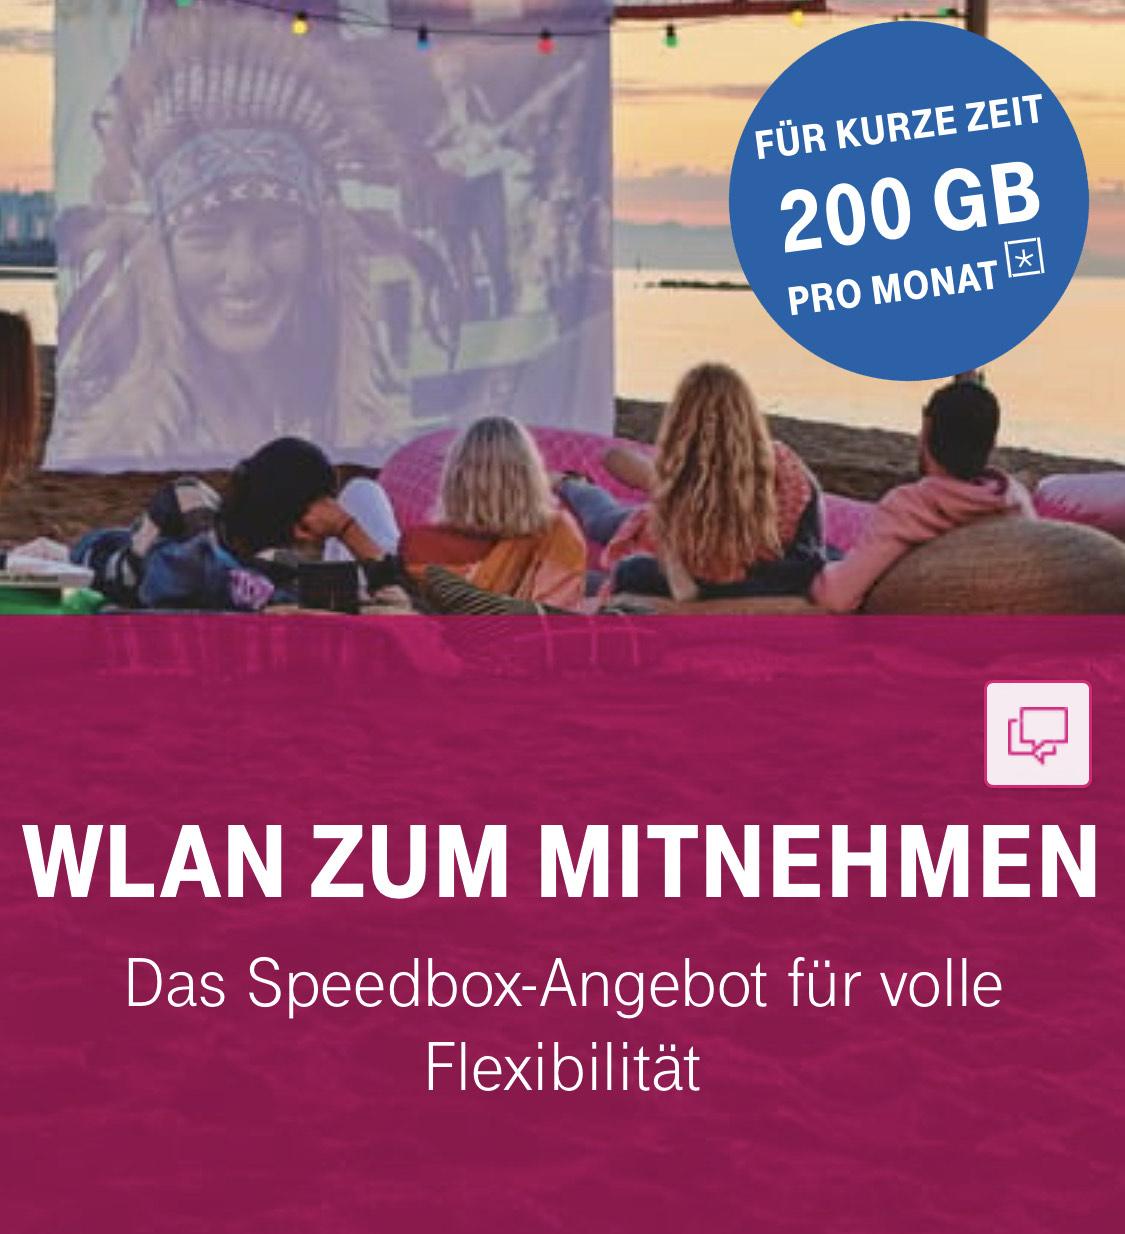 Telekom Speedbox 200GB statt 100GB (Neukunden) + 100€ Euro zurück